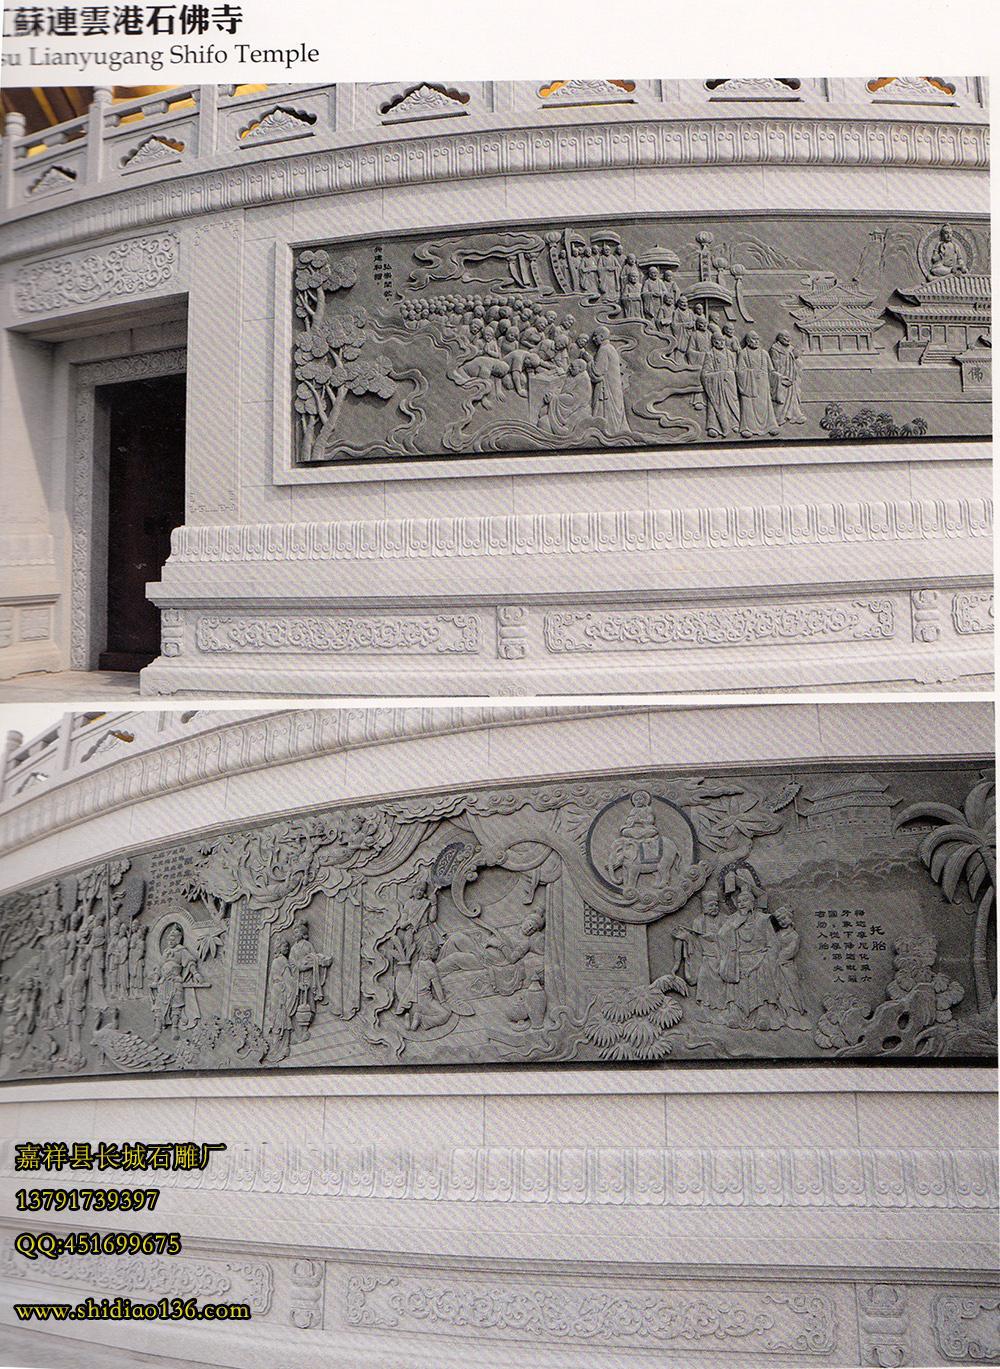 寺院石雕须弥座浮雕